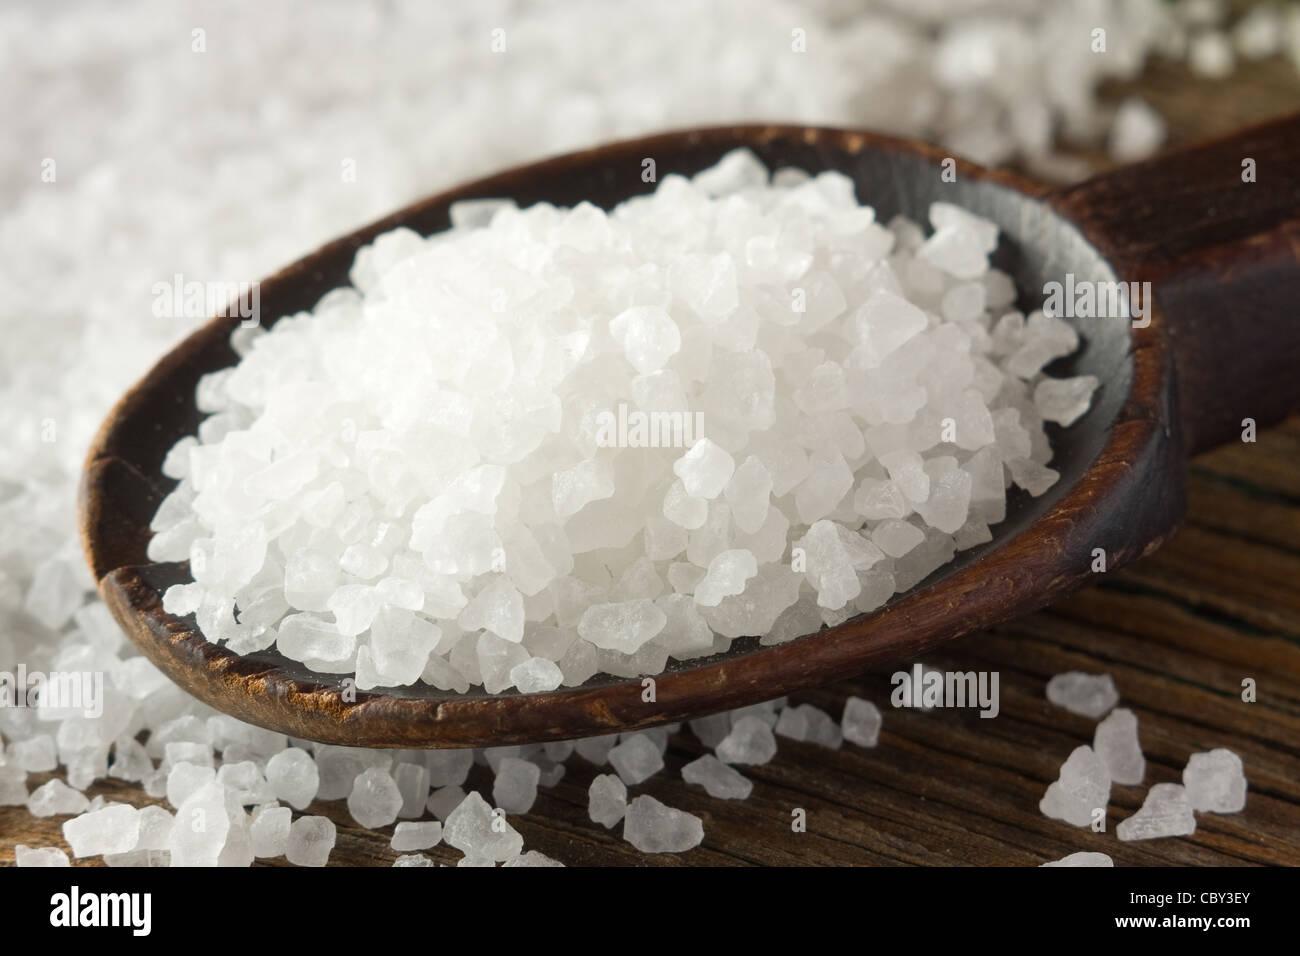 Le sel de mer sur cuillère en bois Photo Stock